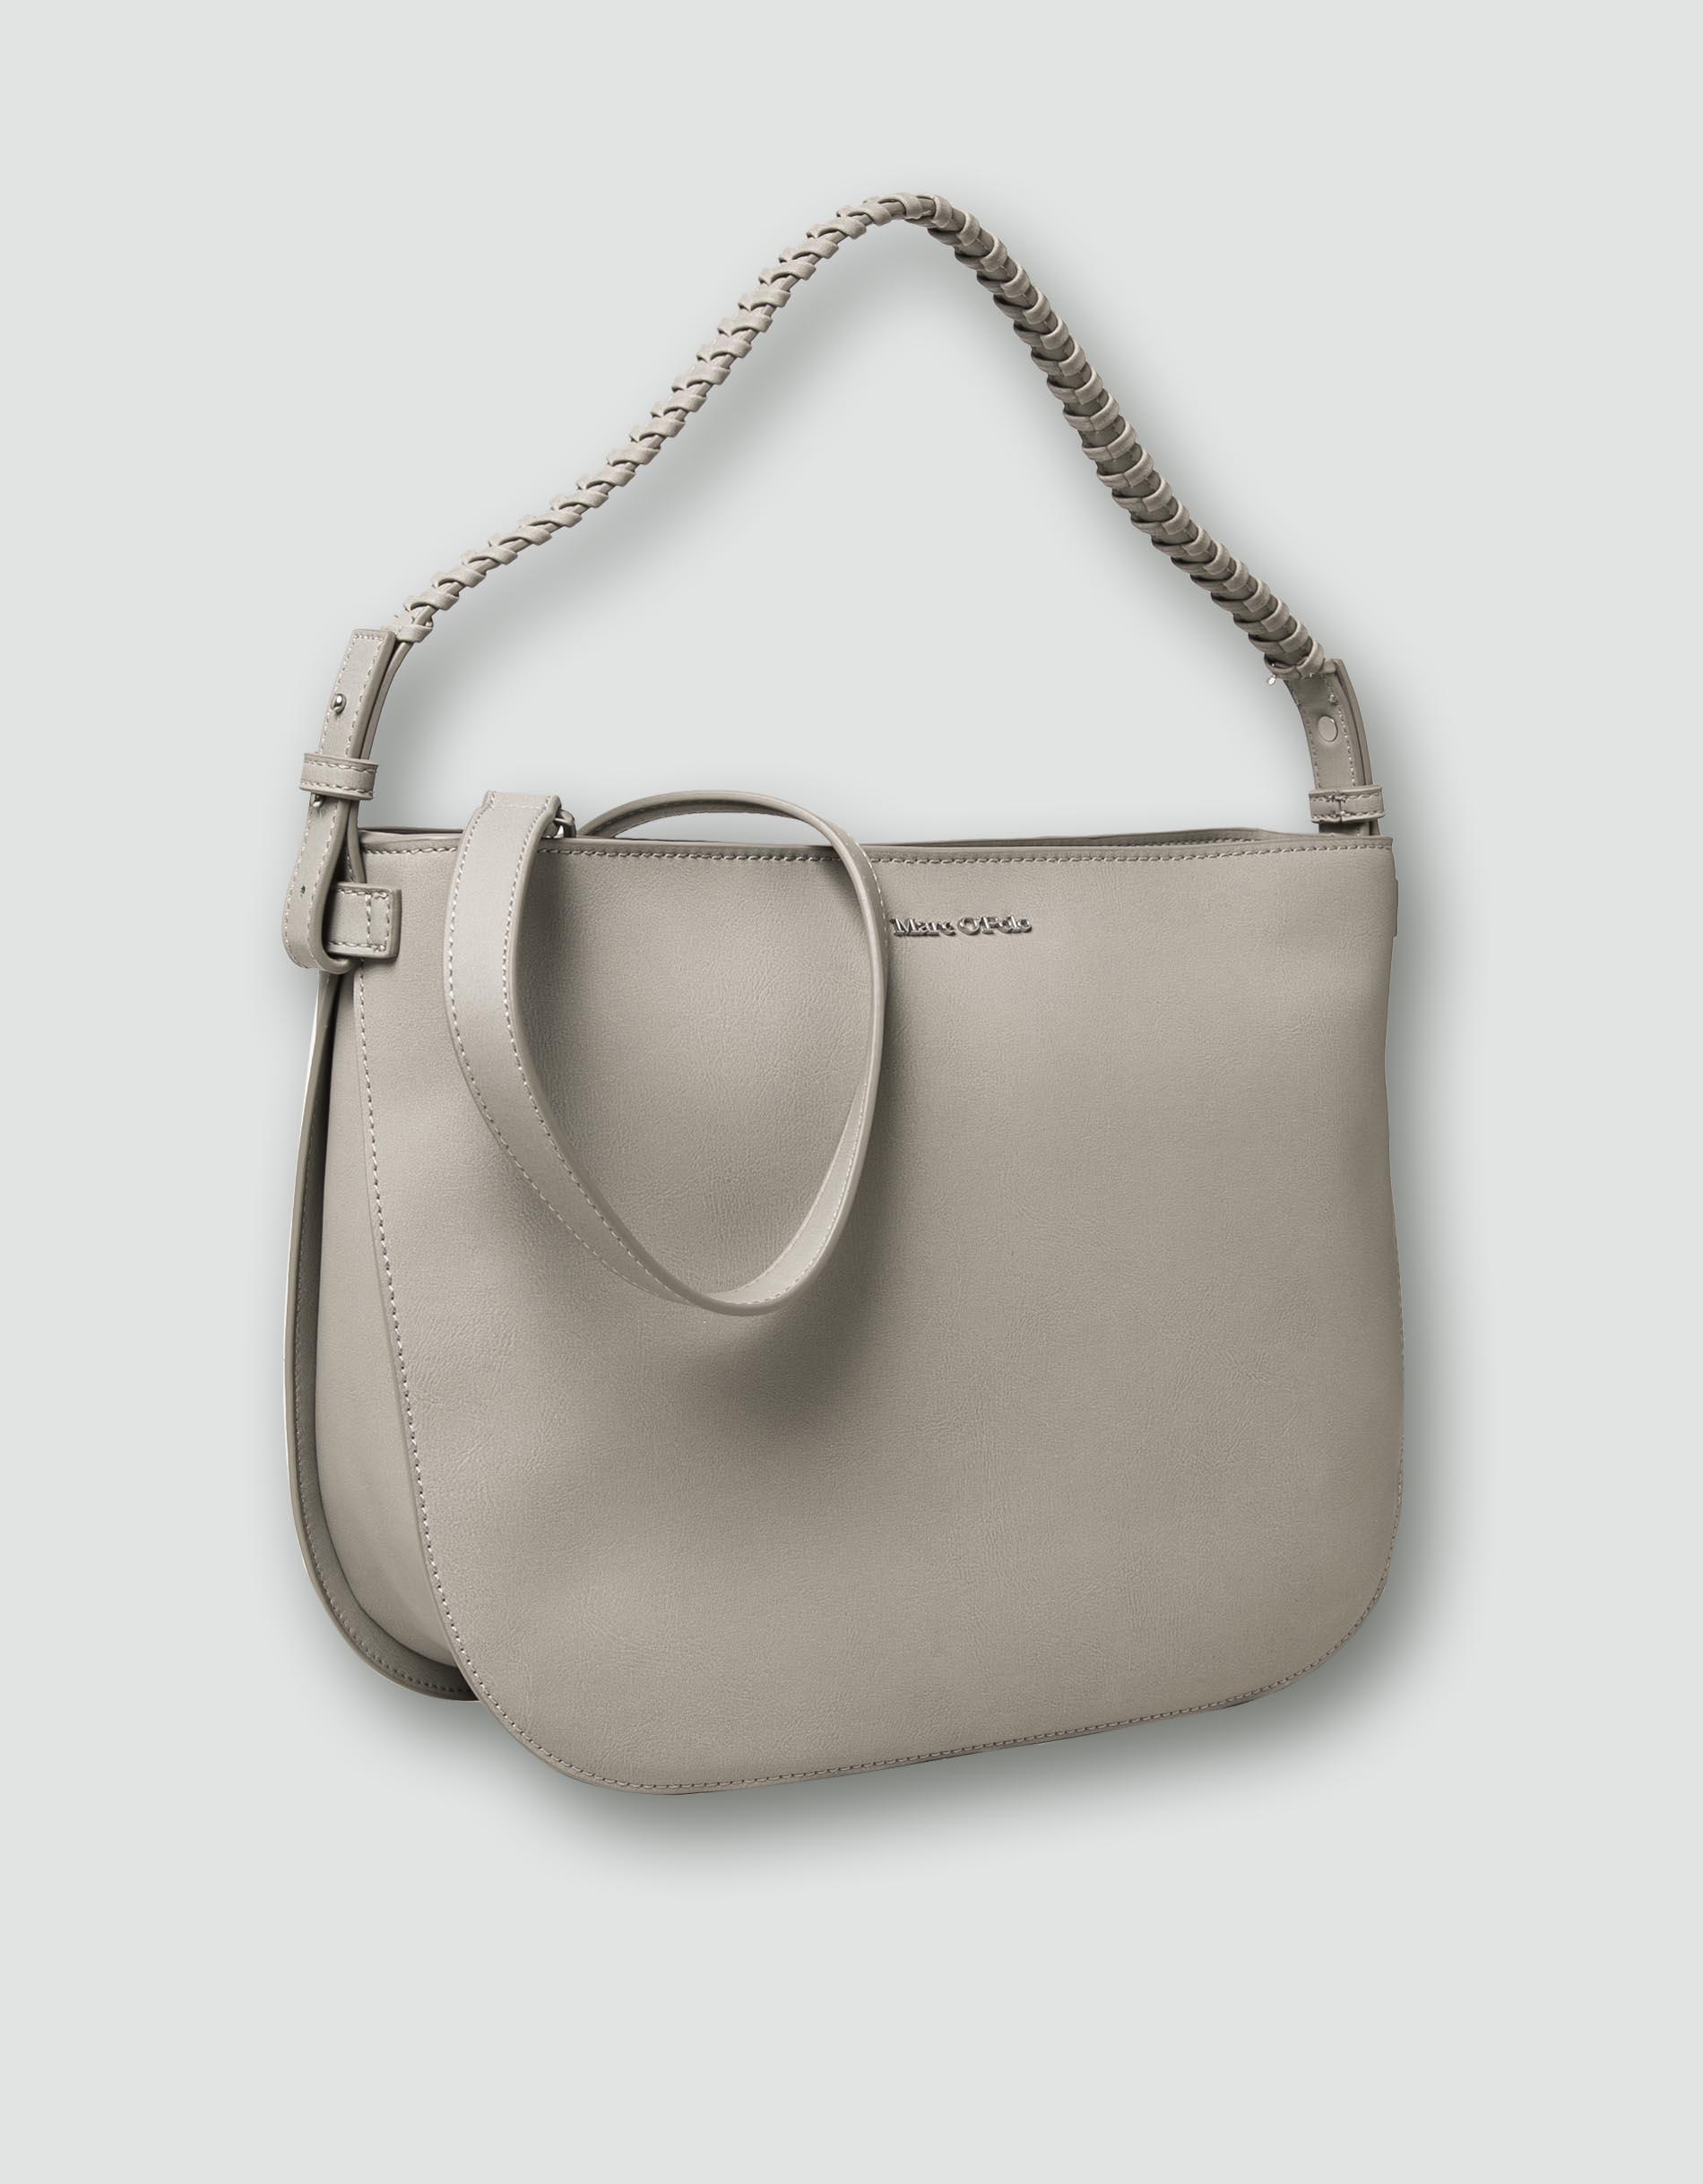 7e350c6519b44 Tasche Marc O polo Im Cleanen Von Design Damen Empfohlen Schulter 8XPO0nwk